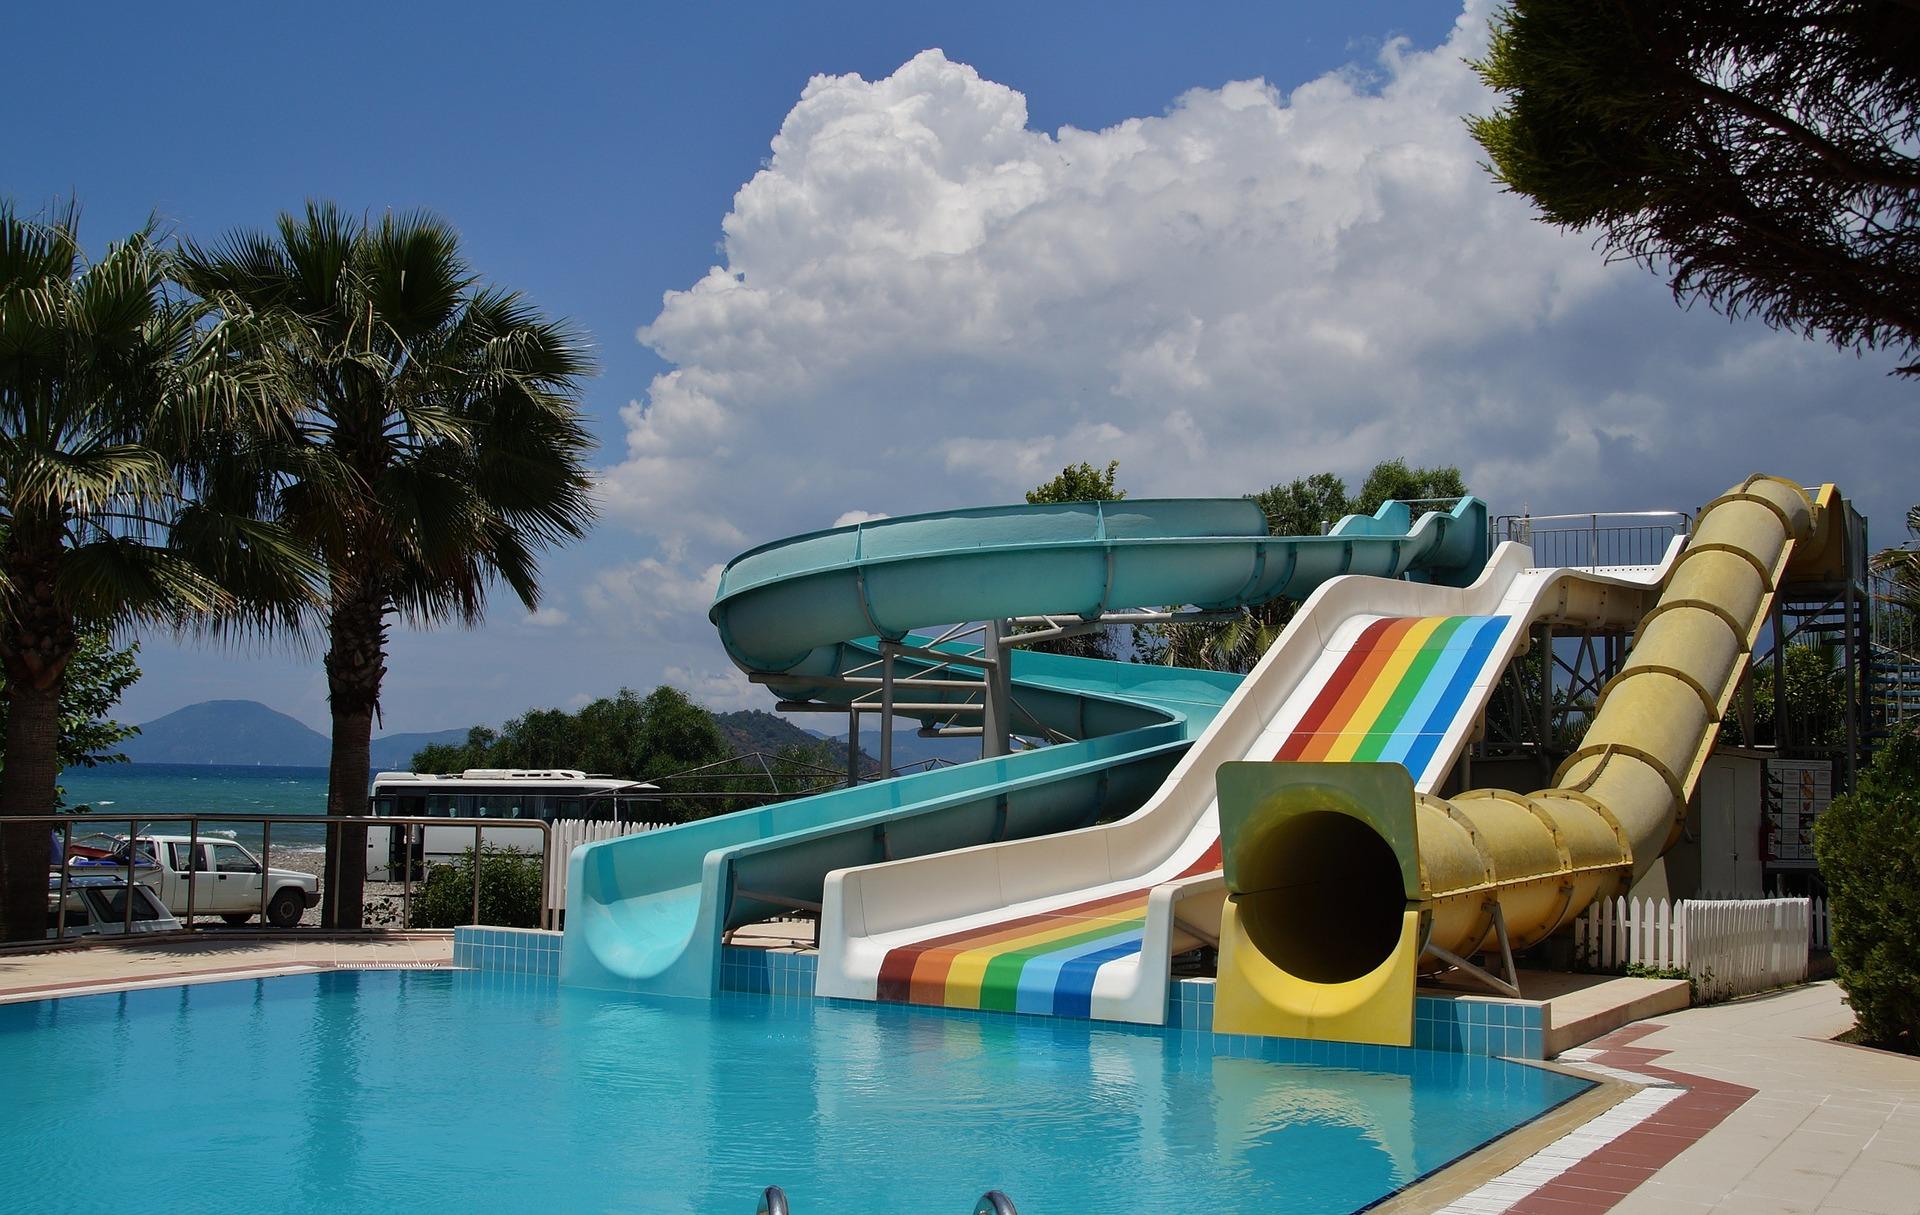 water-slide-800965_1920_1.jpg